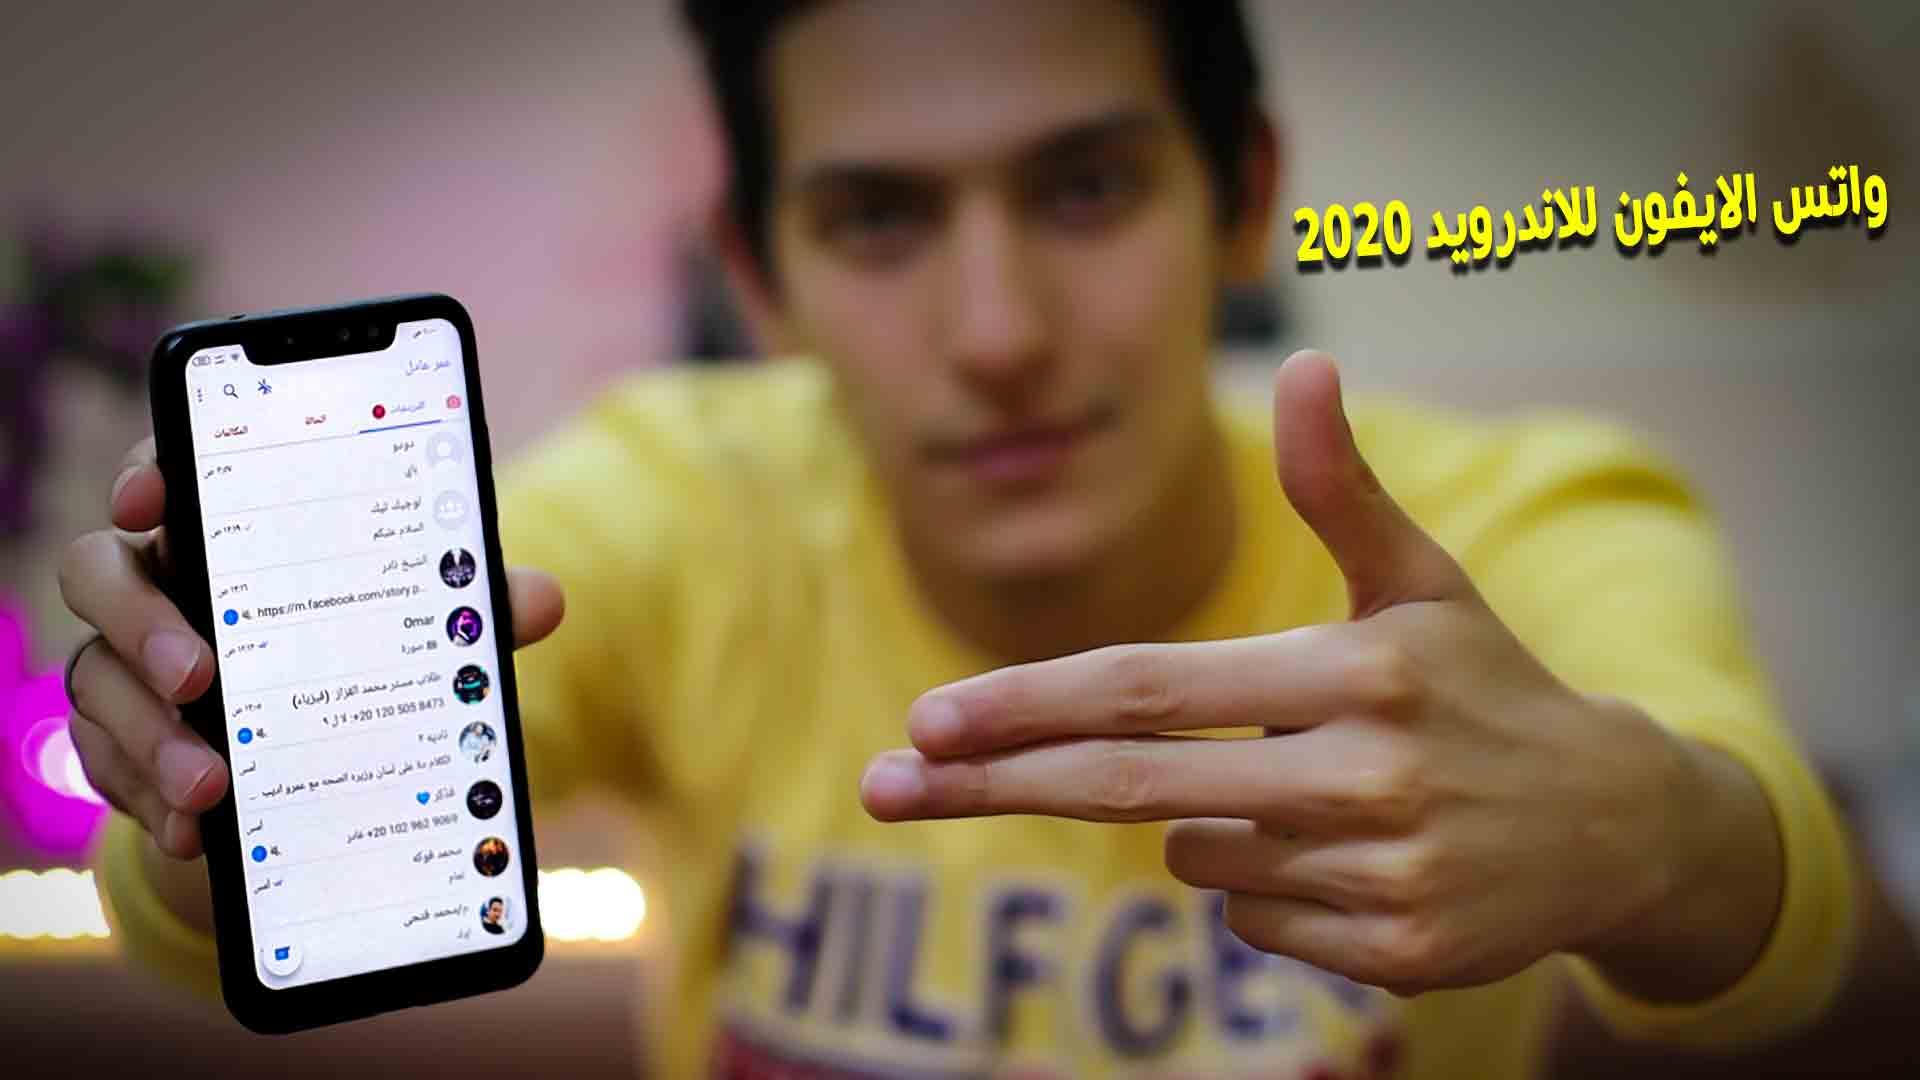 تحميل واتساب الايفون whatsapp علي الاندرويد 2020 تحدي اصدقائك !